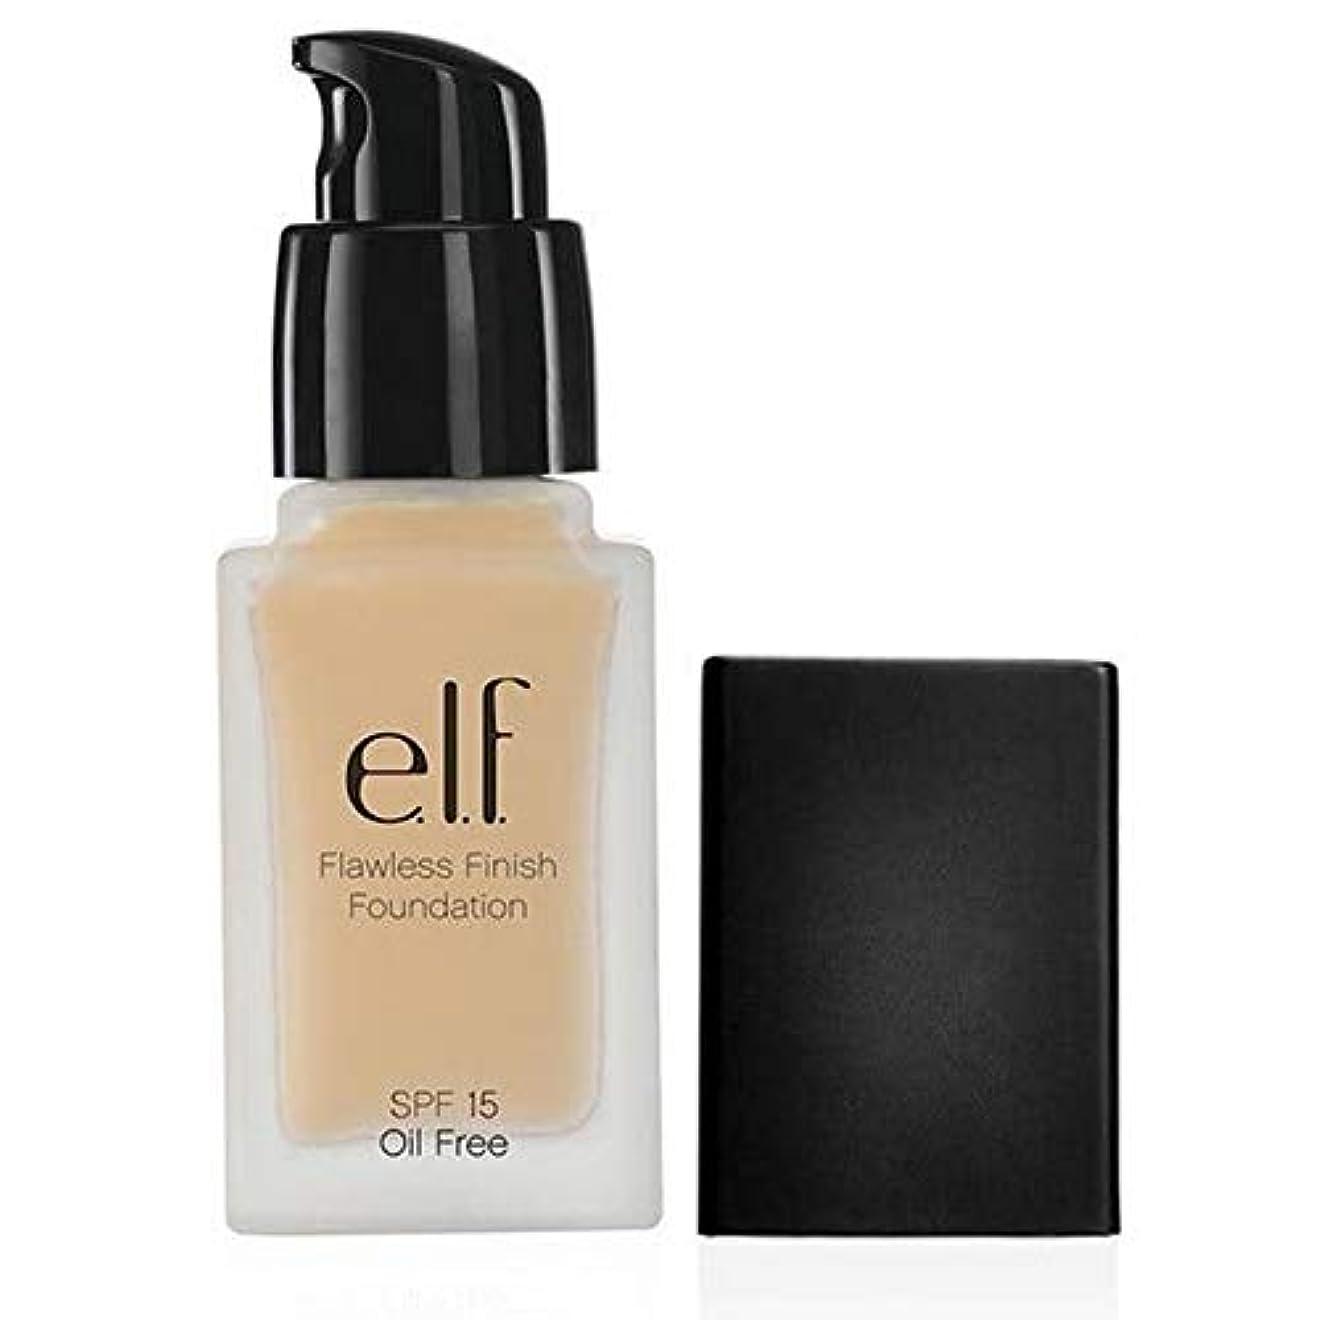 バッグ手つかずの温かい[Elf ] エルフ。完璧な仕上がりの基礎Spf15磁器111 - e.l.f. Flawless Finish Foundation SPF15 Porcelain 111 [並行輸入品]